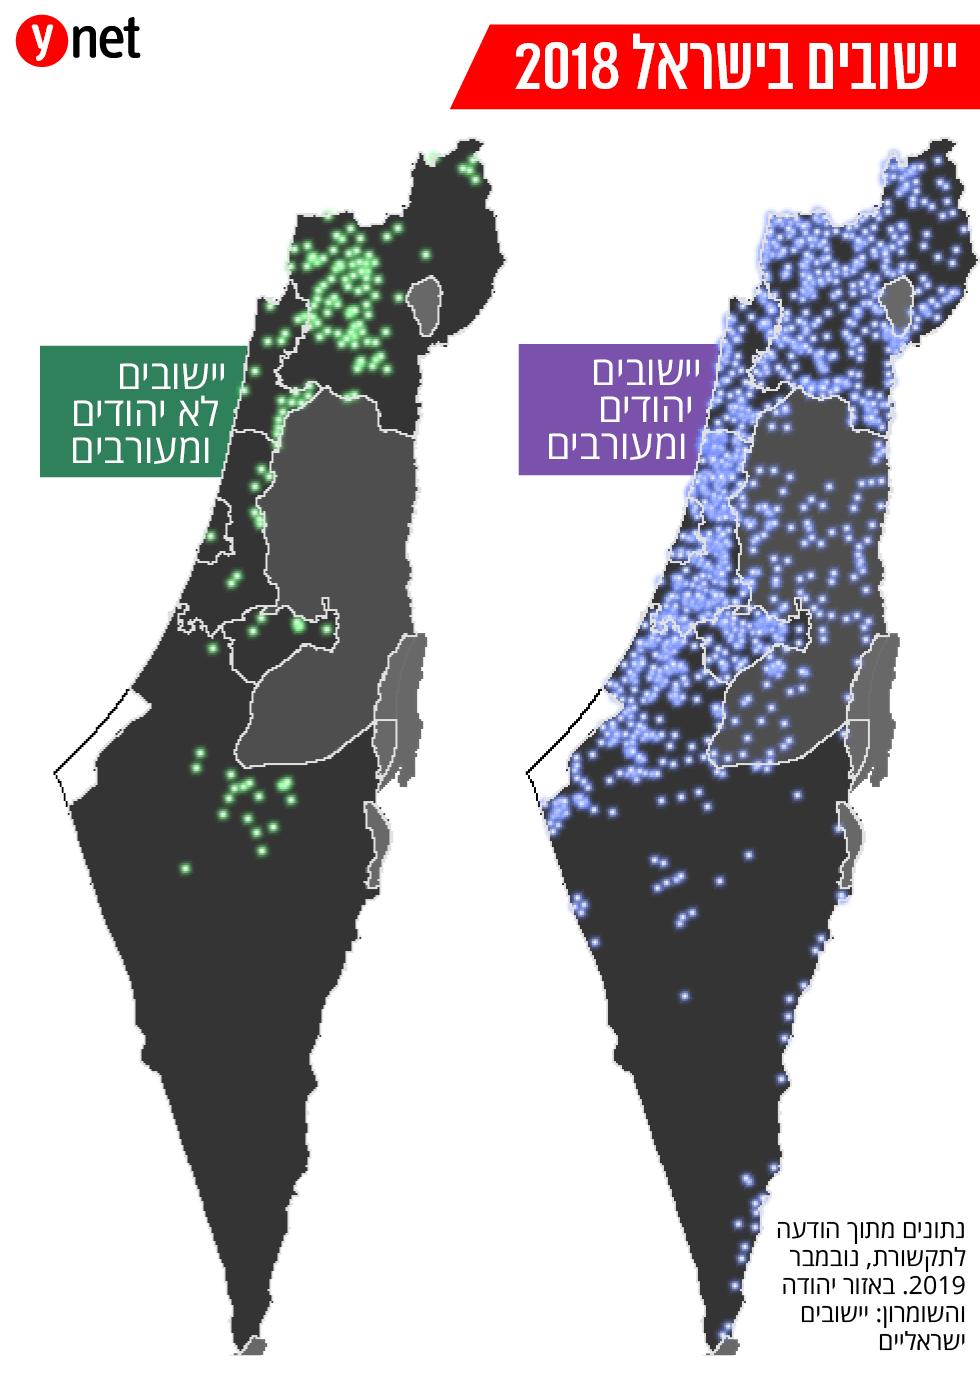 יישובים בישראל 2018 נתוני הלמ